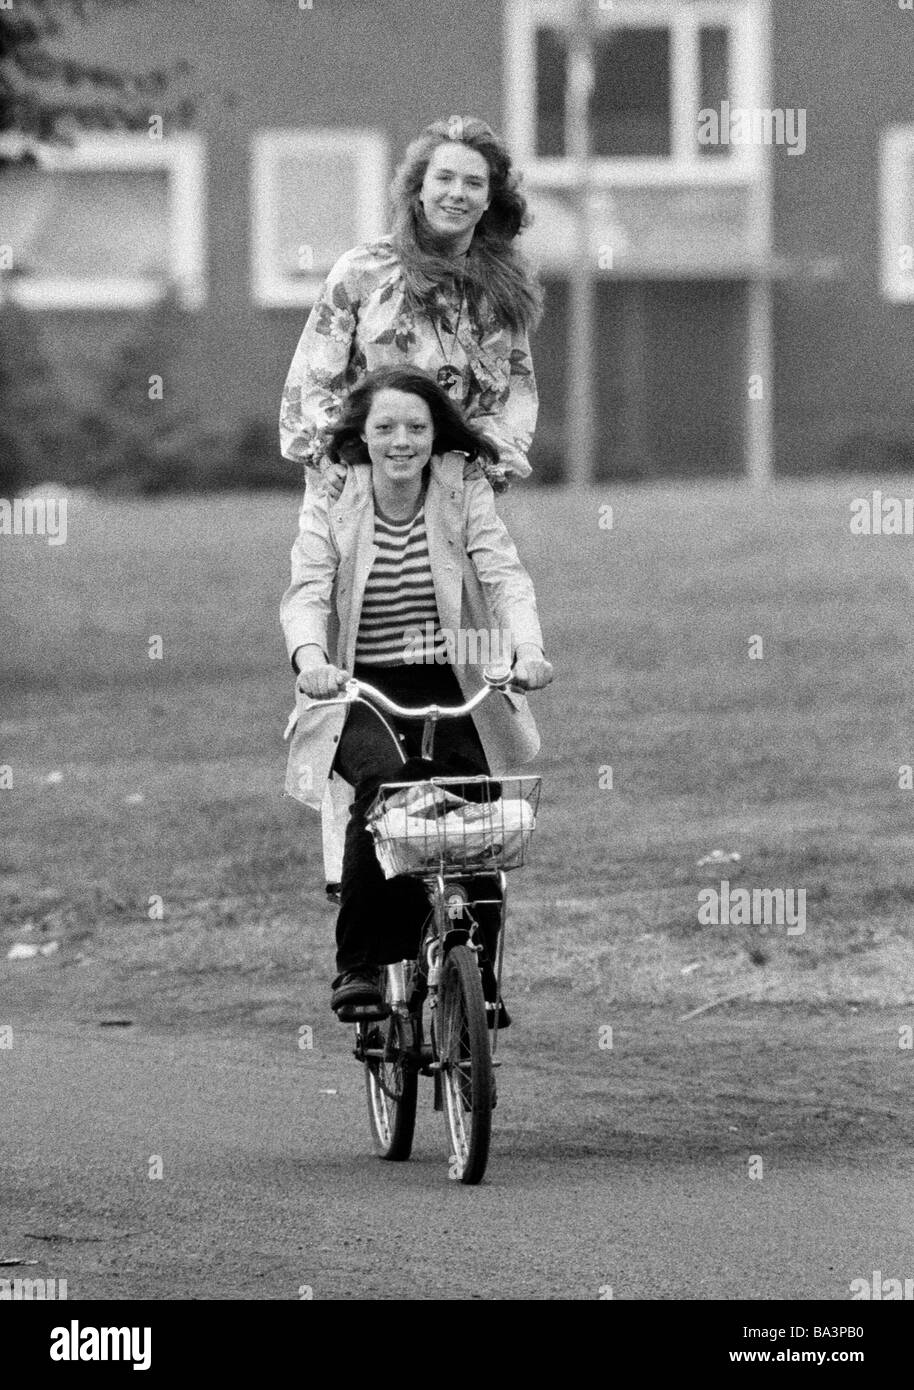 Negli anni settanta, foto in bianco e nero, persone, due